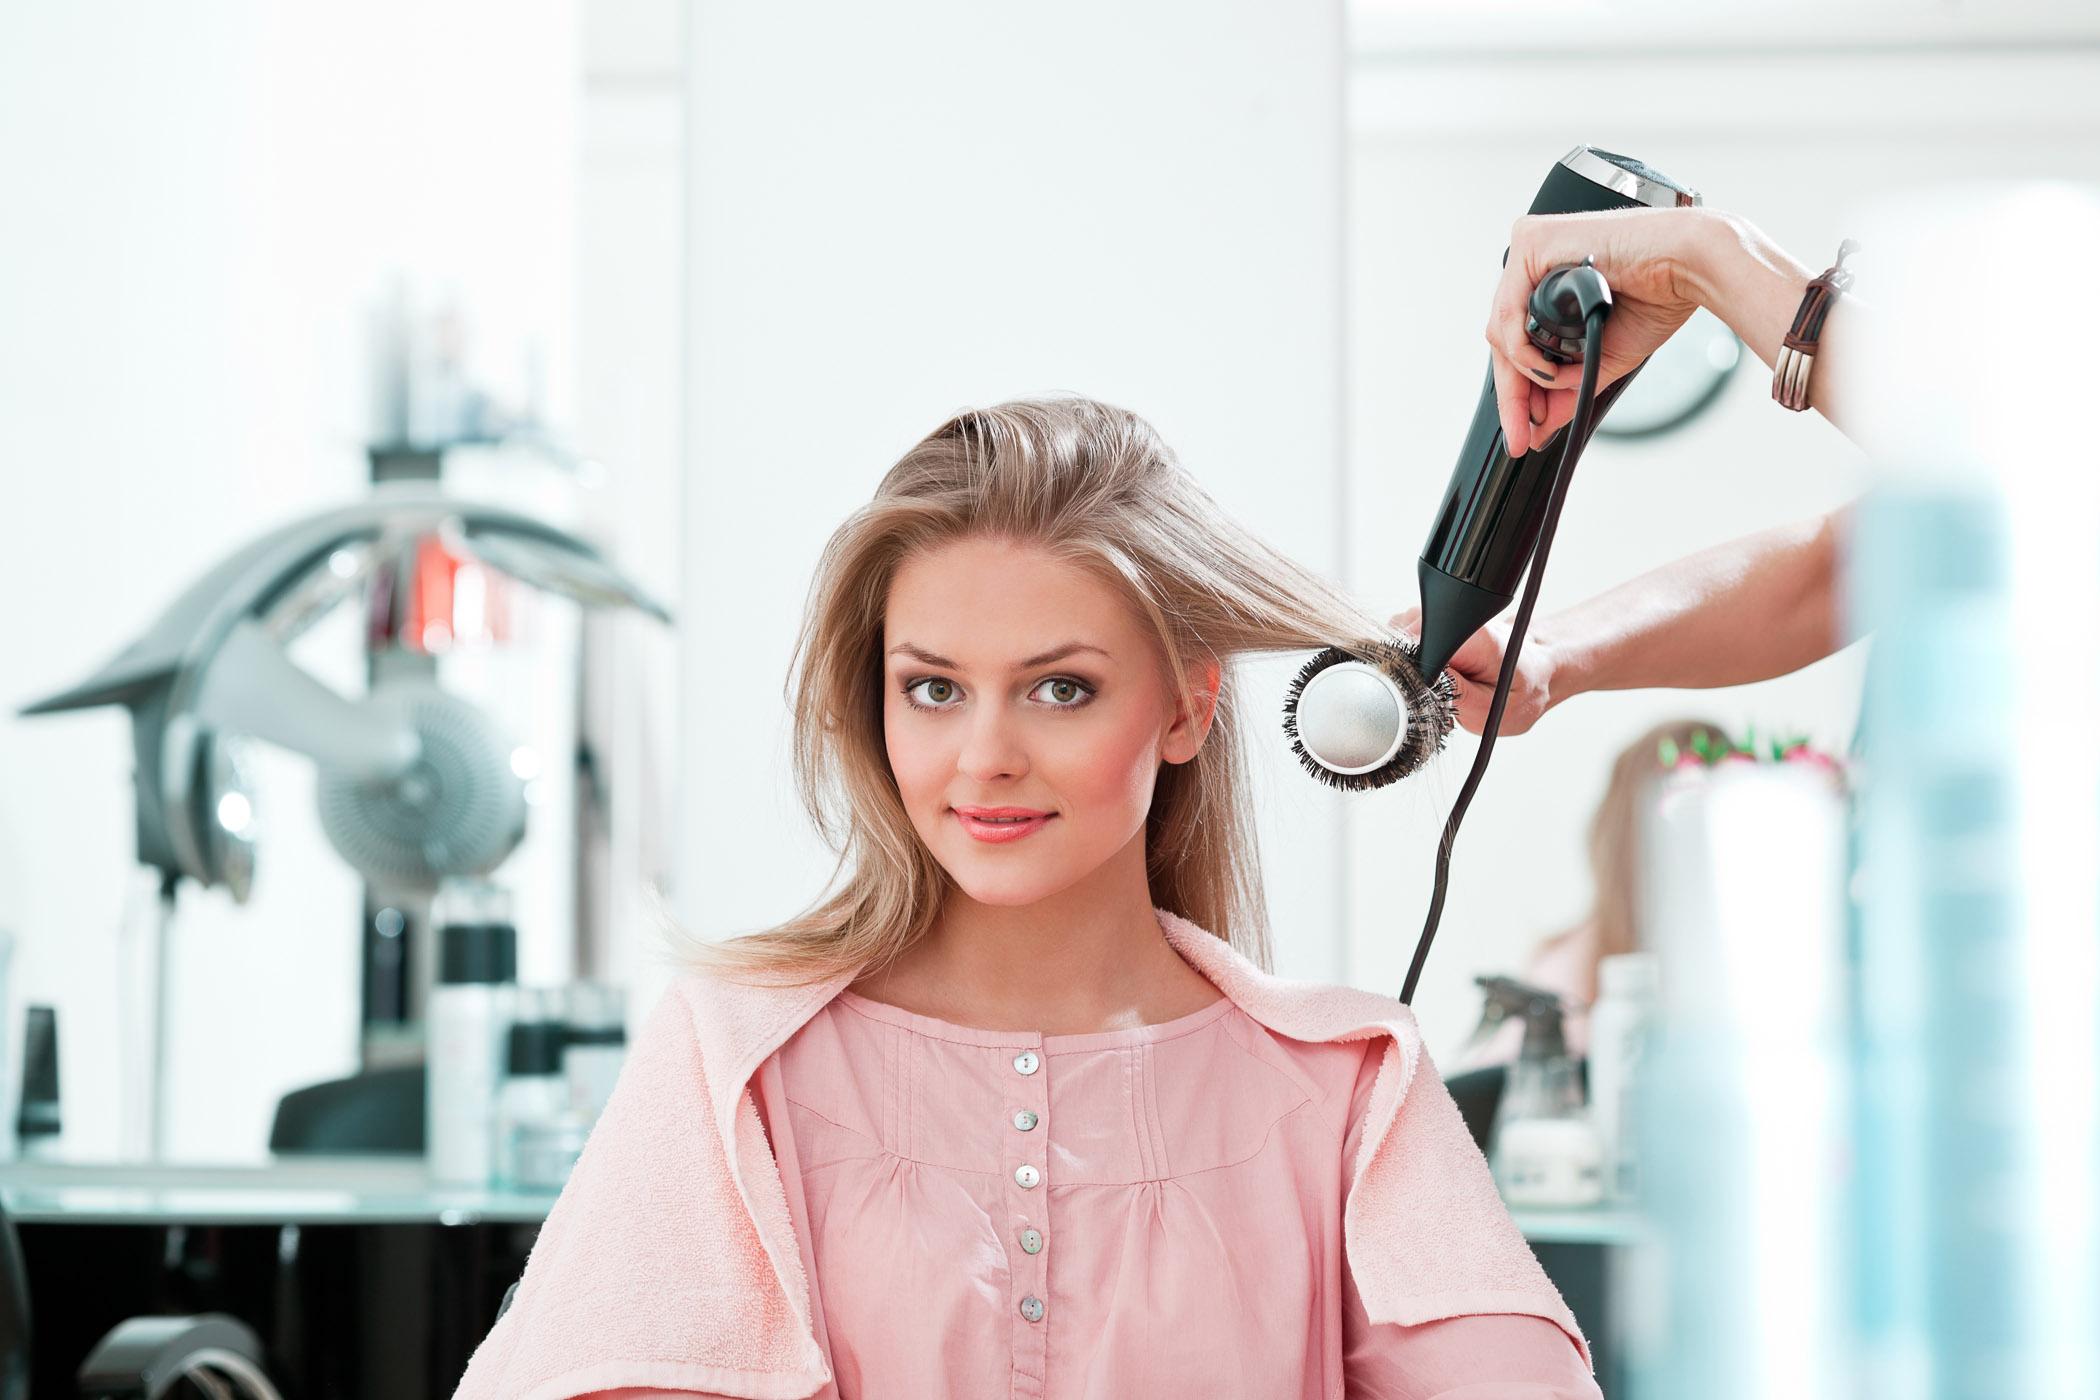 Cum ar trebui să ai grijă de părul tău?